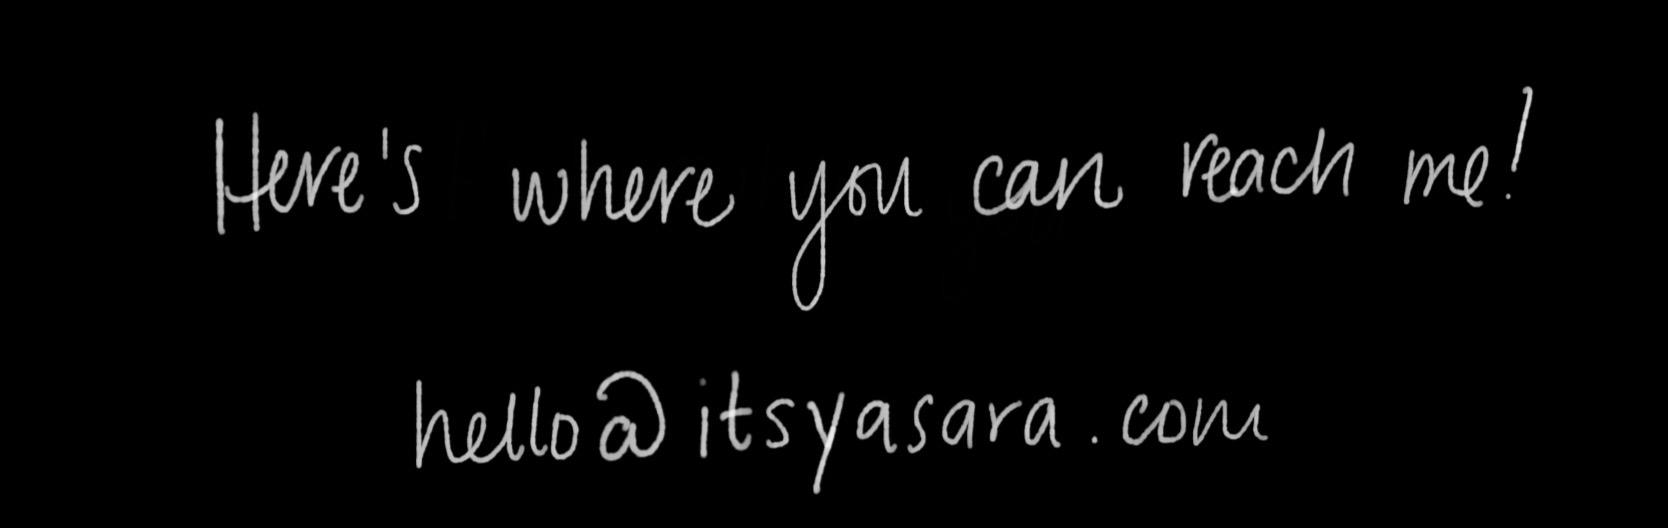 itsyasara_email